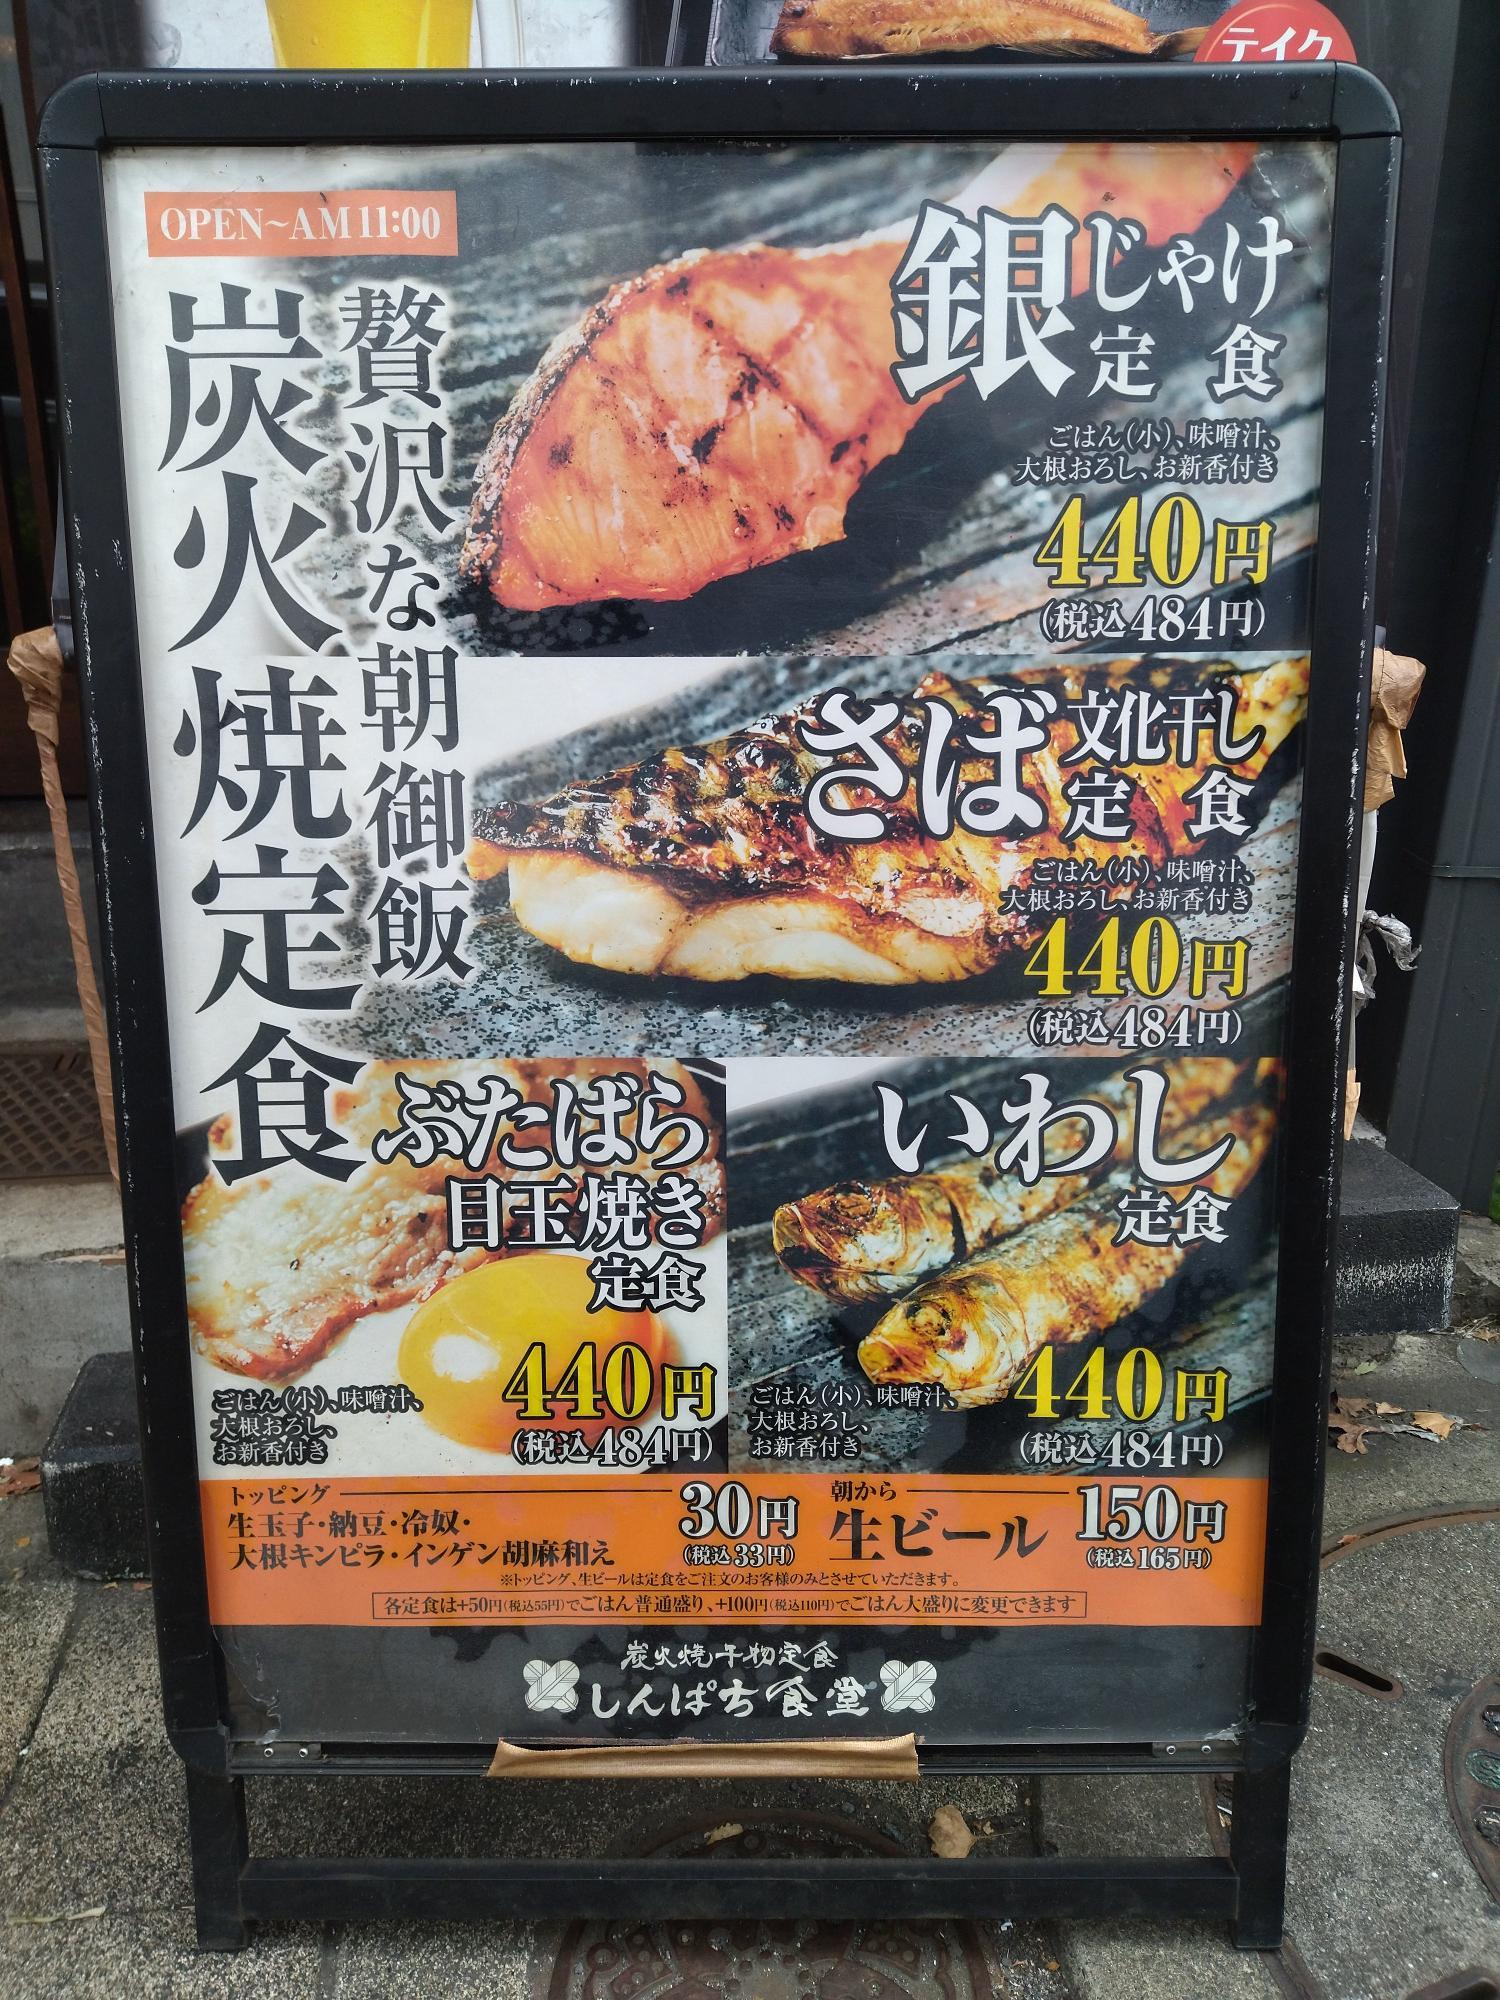 しんぱち食堂の朝御飯「炭火焼き定食」の店頭ポスター